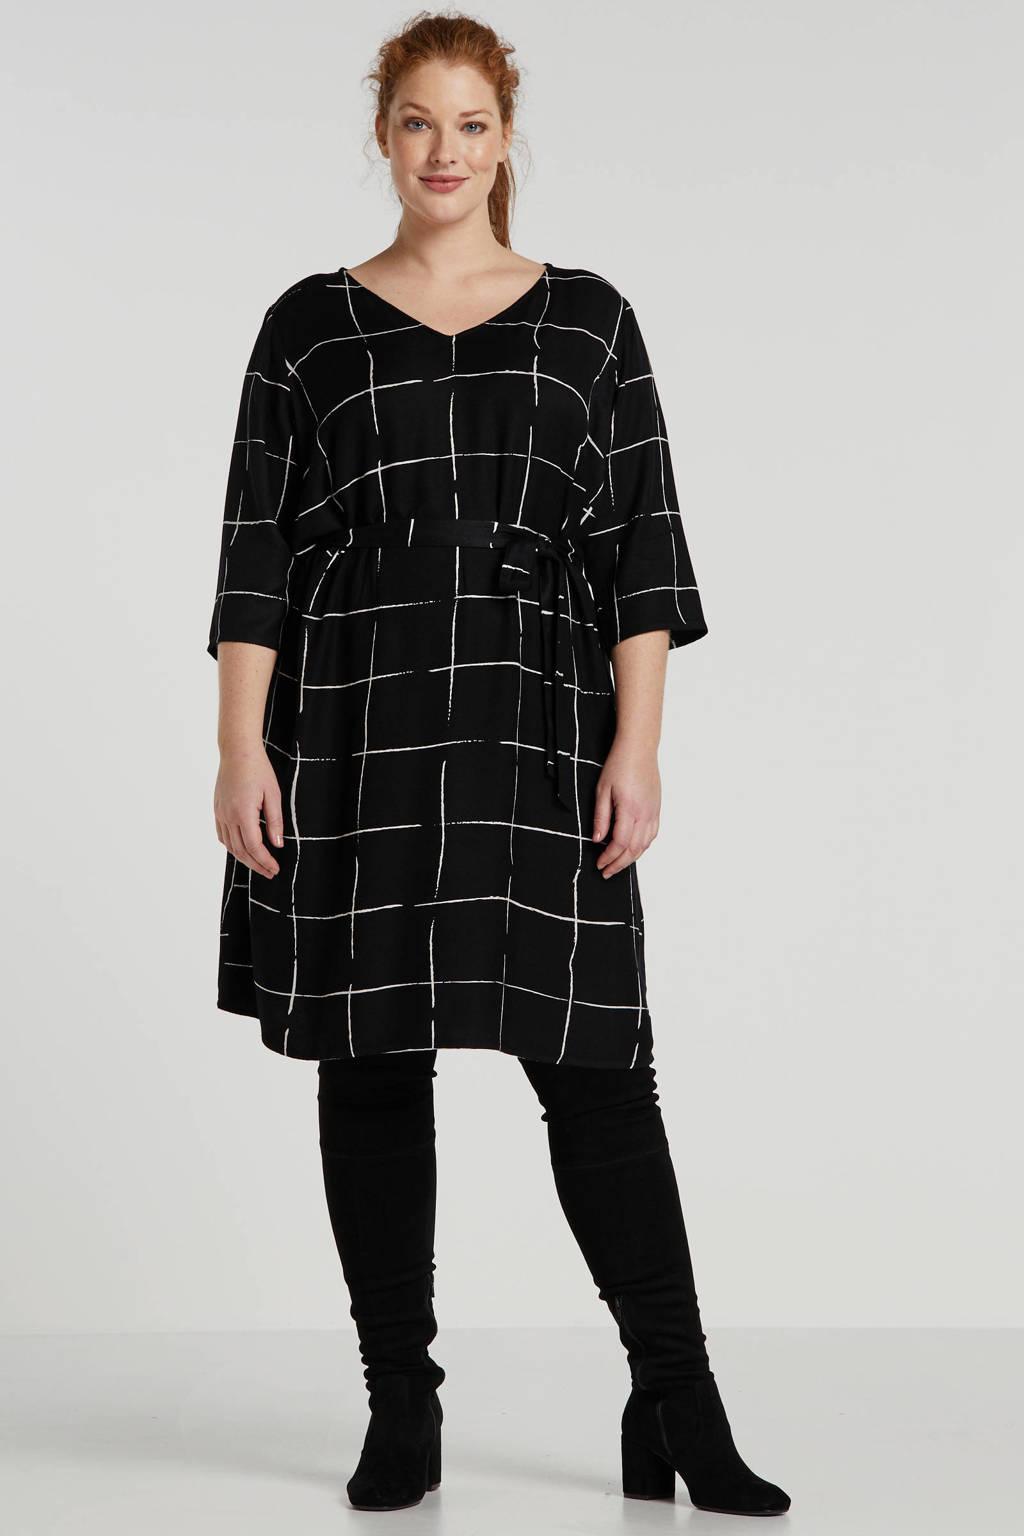 JUNAROSE geruite jurk zwart/wit, Zwart/wit